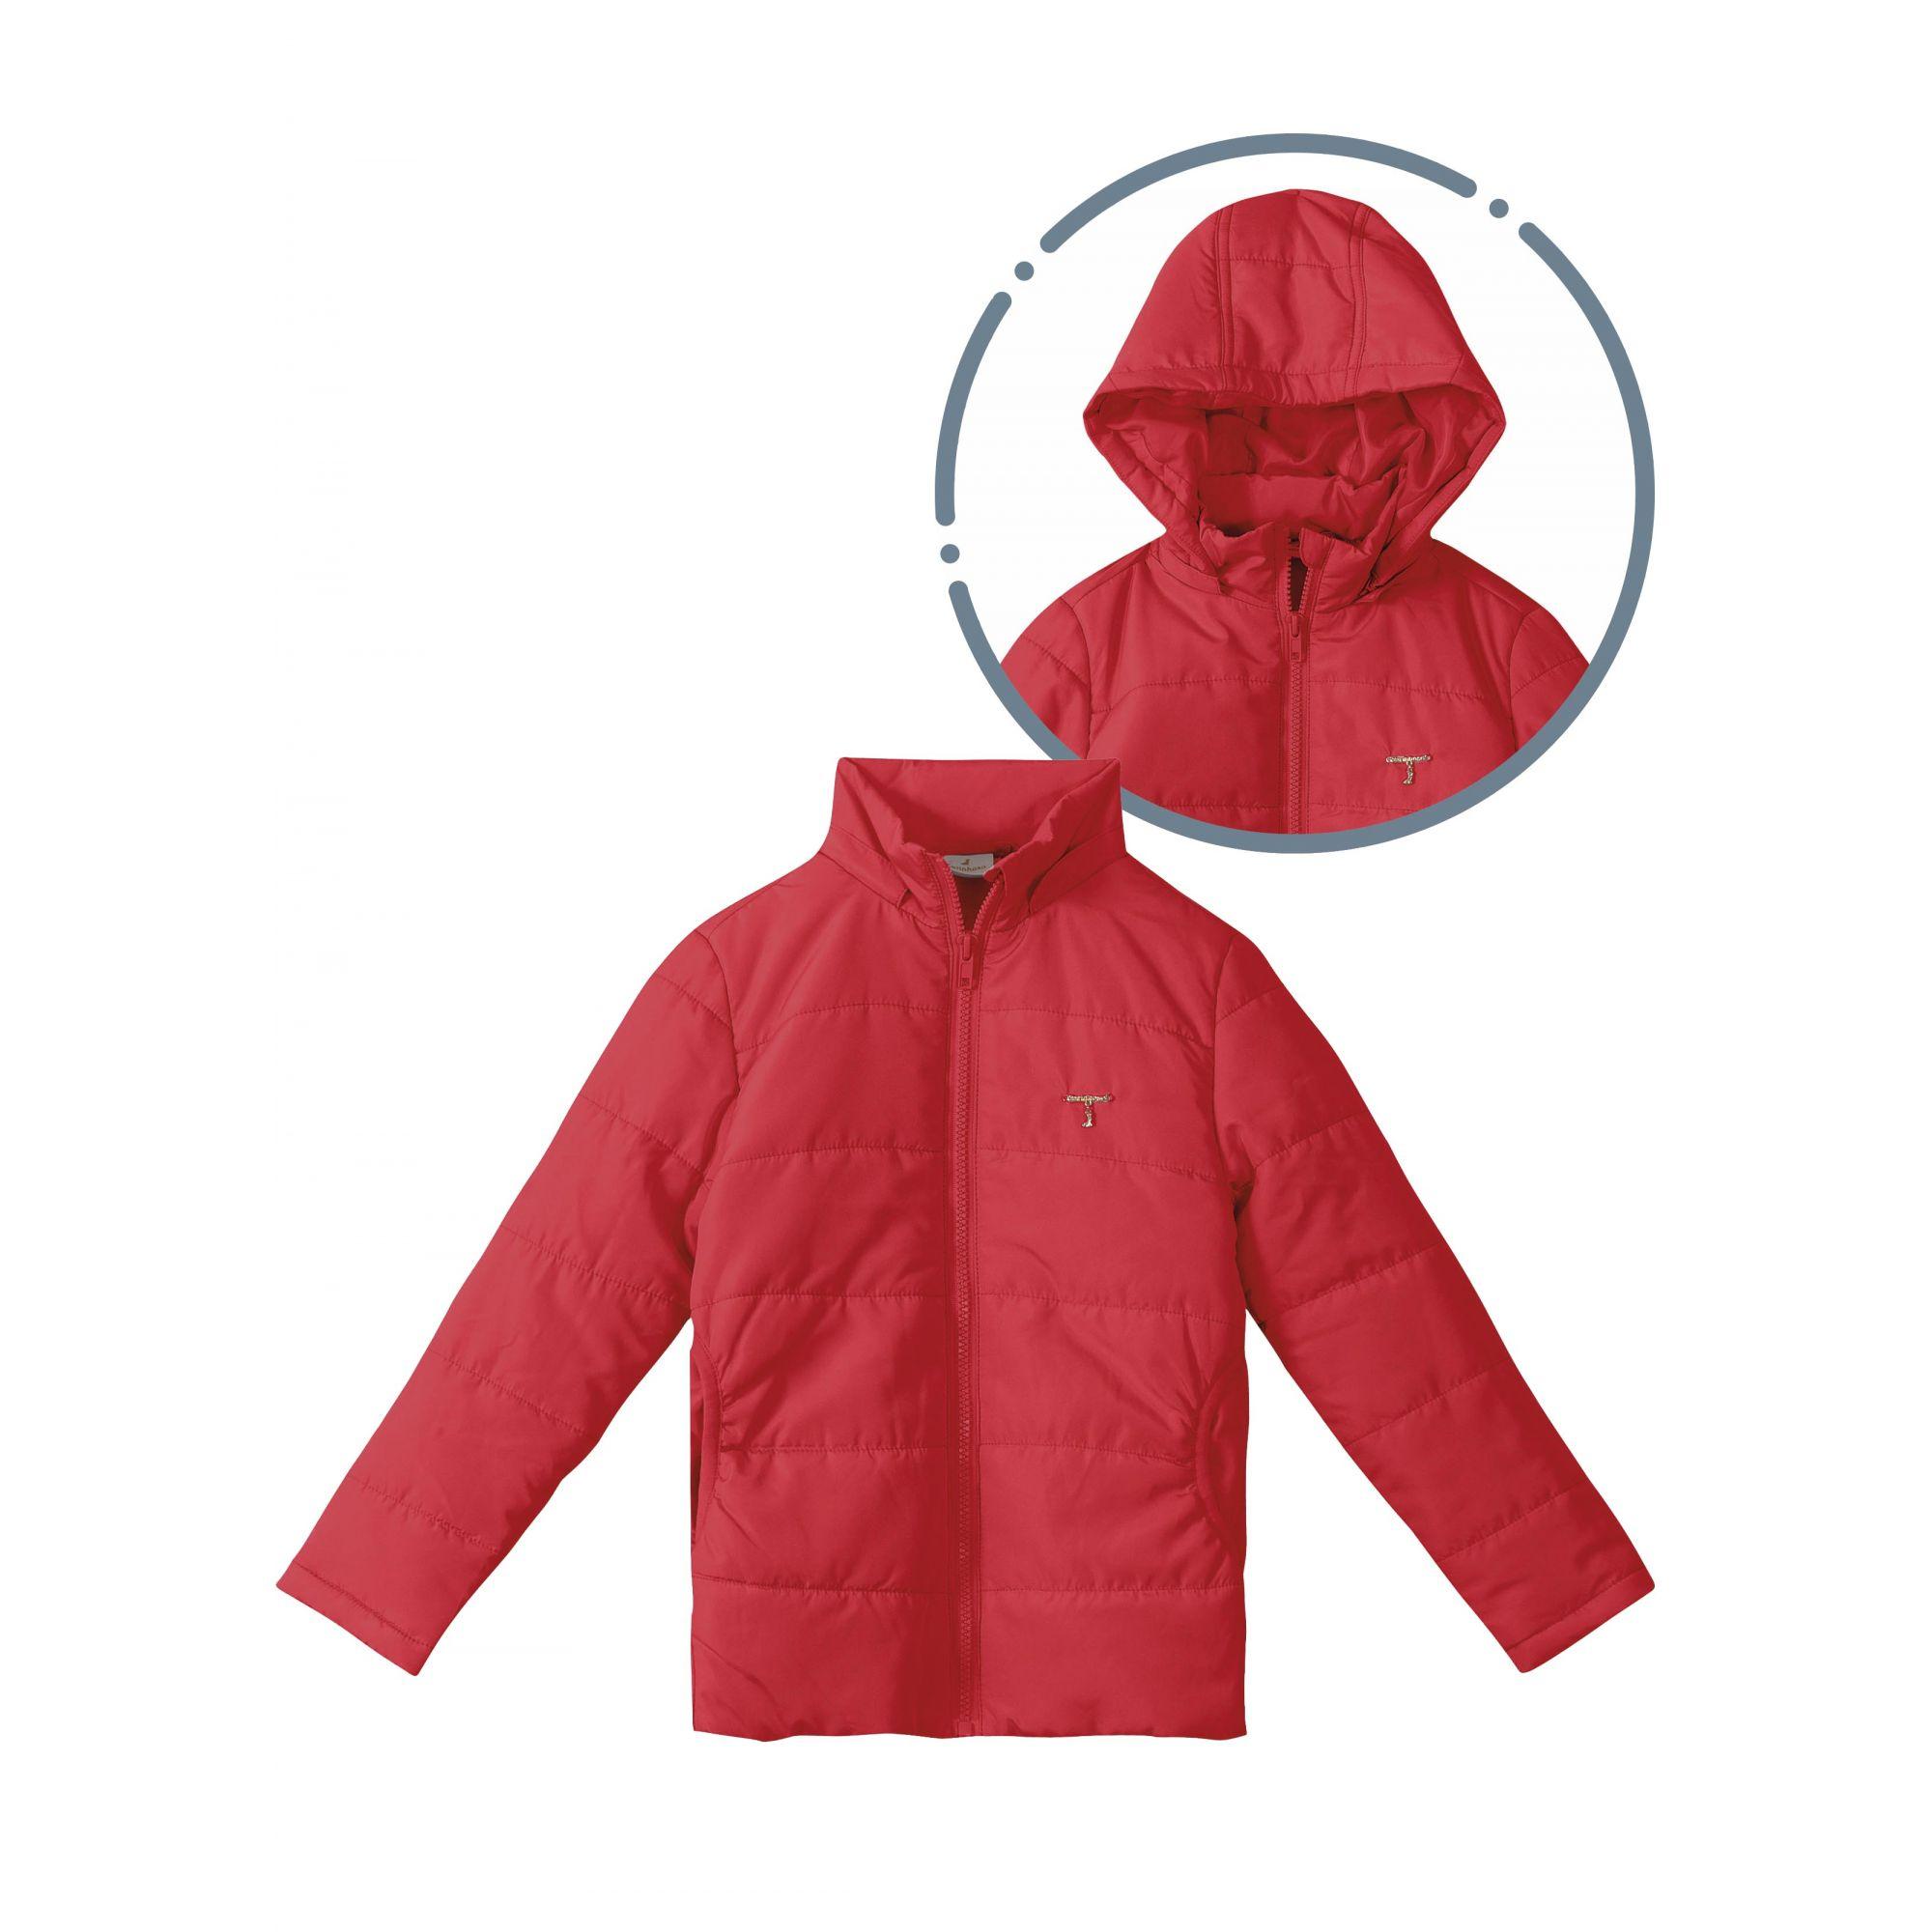 Casaco Infantil Feminino Inverno Vermelha Carinhoso